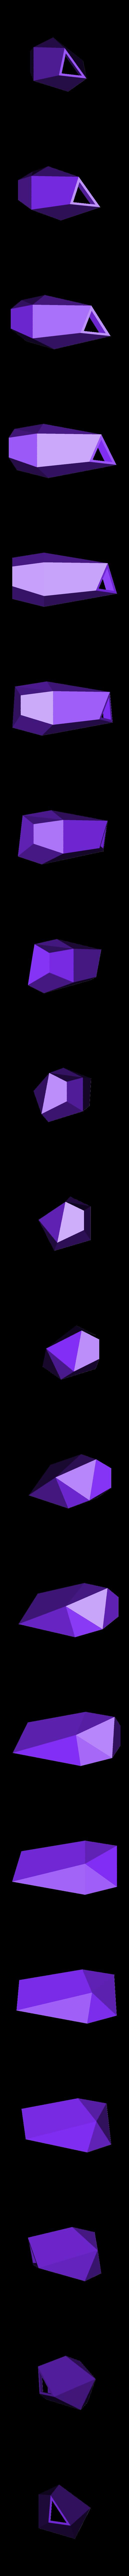 XYZ_VASE_Small.stl Télécharger fichier STL gratuit FACET VASE • Modèle imprimable en 3D, XYZWorkshop